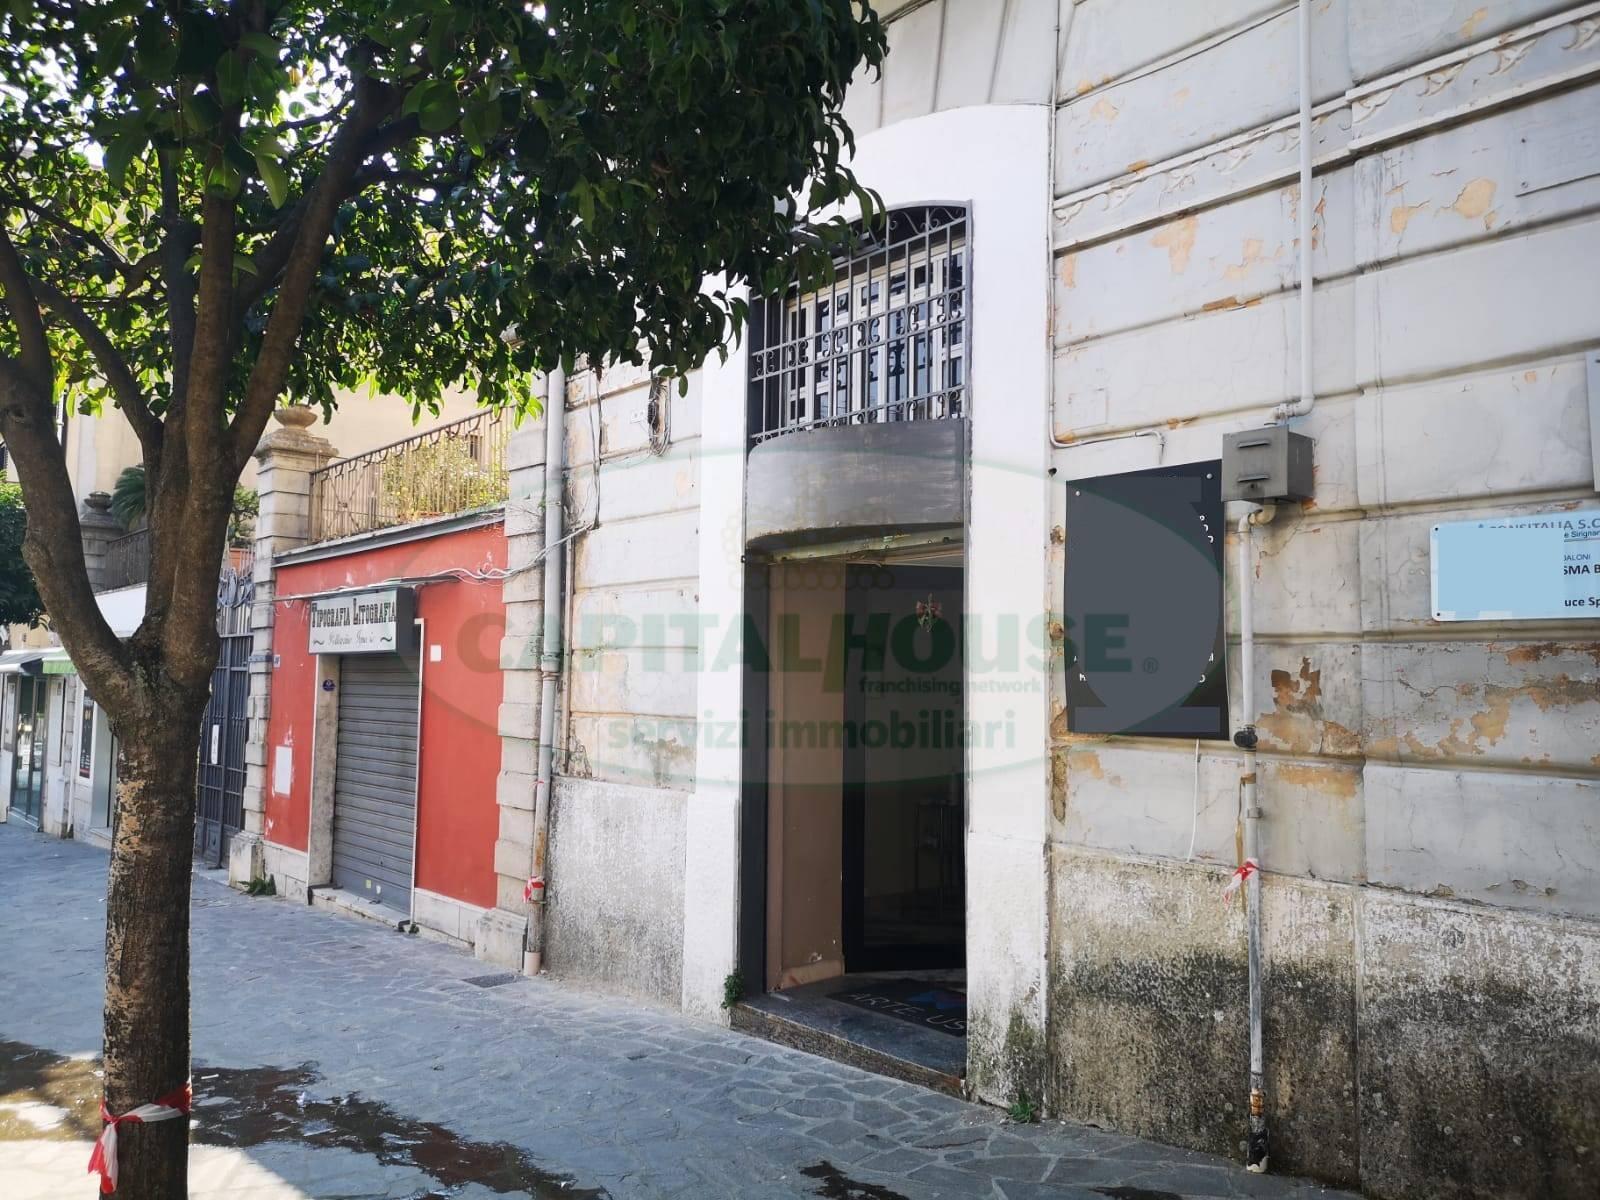 Fondo commerciale in vendita a Maddaloni (CE)